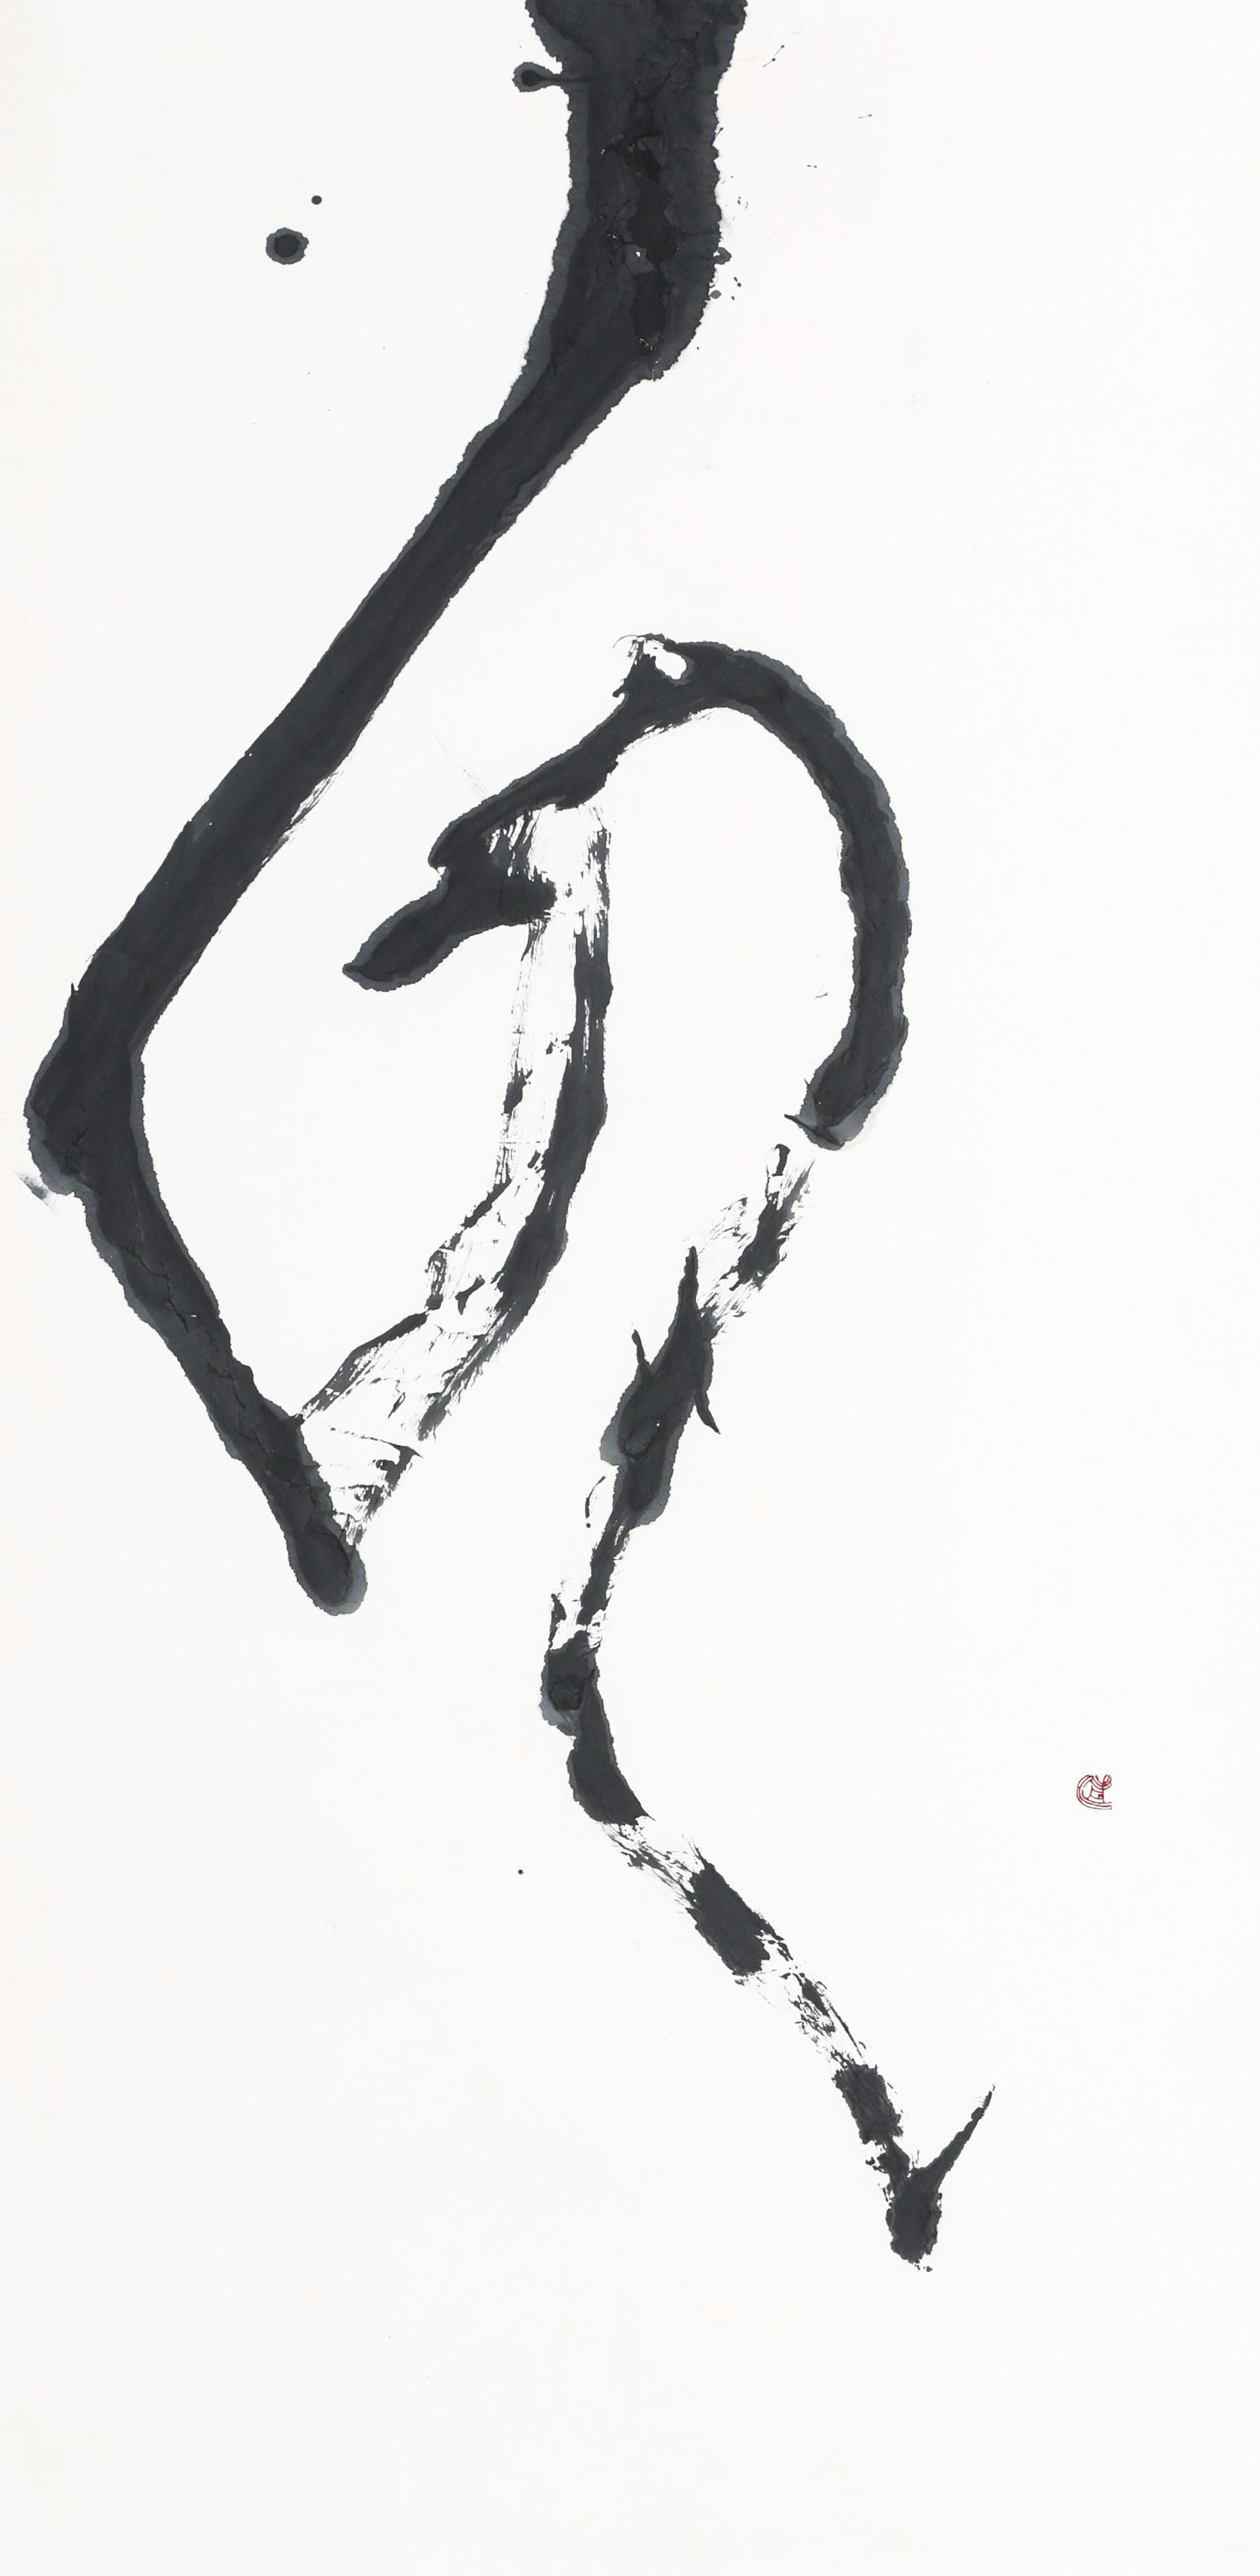 第35回記念産経国際書展出品作品「ほほえみ」(縦180センチ×横90センチ)